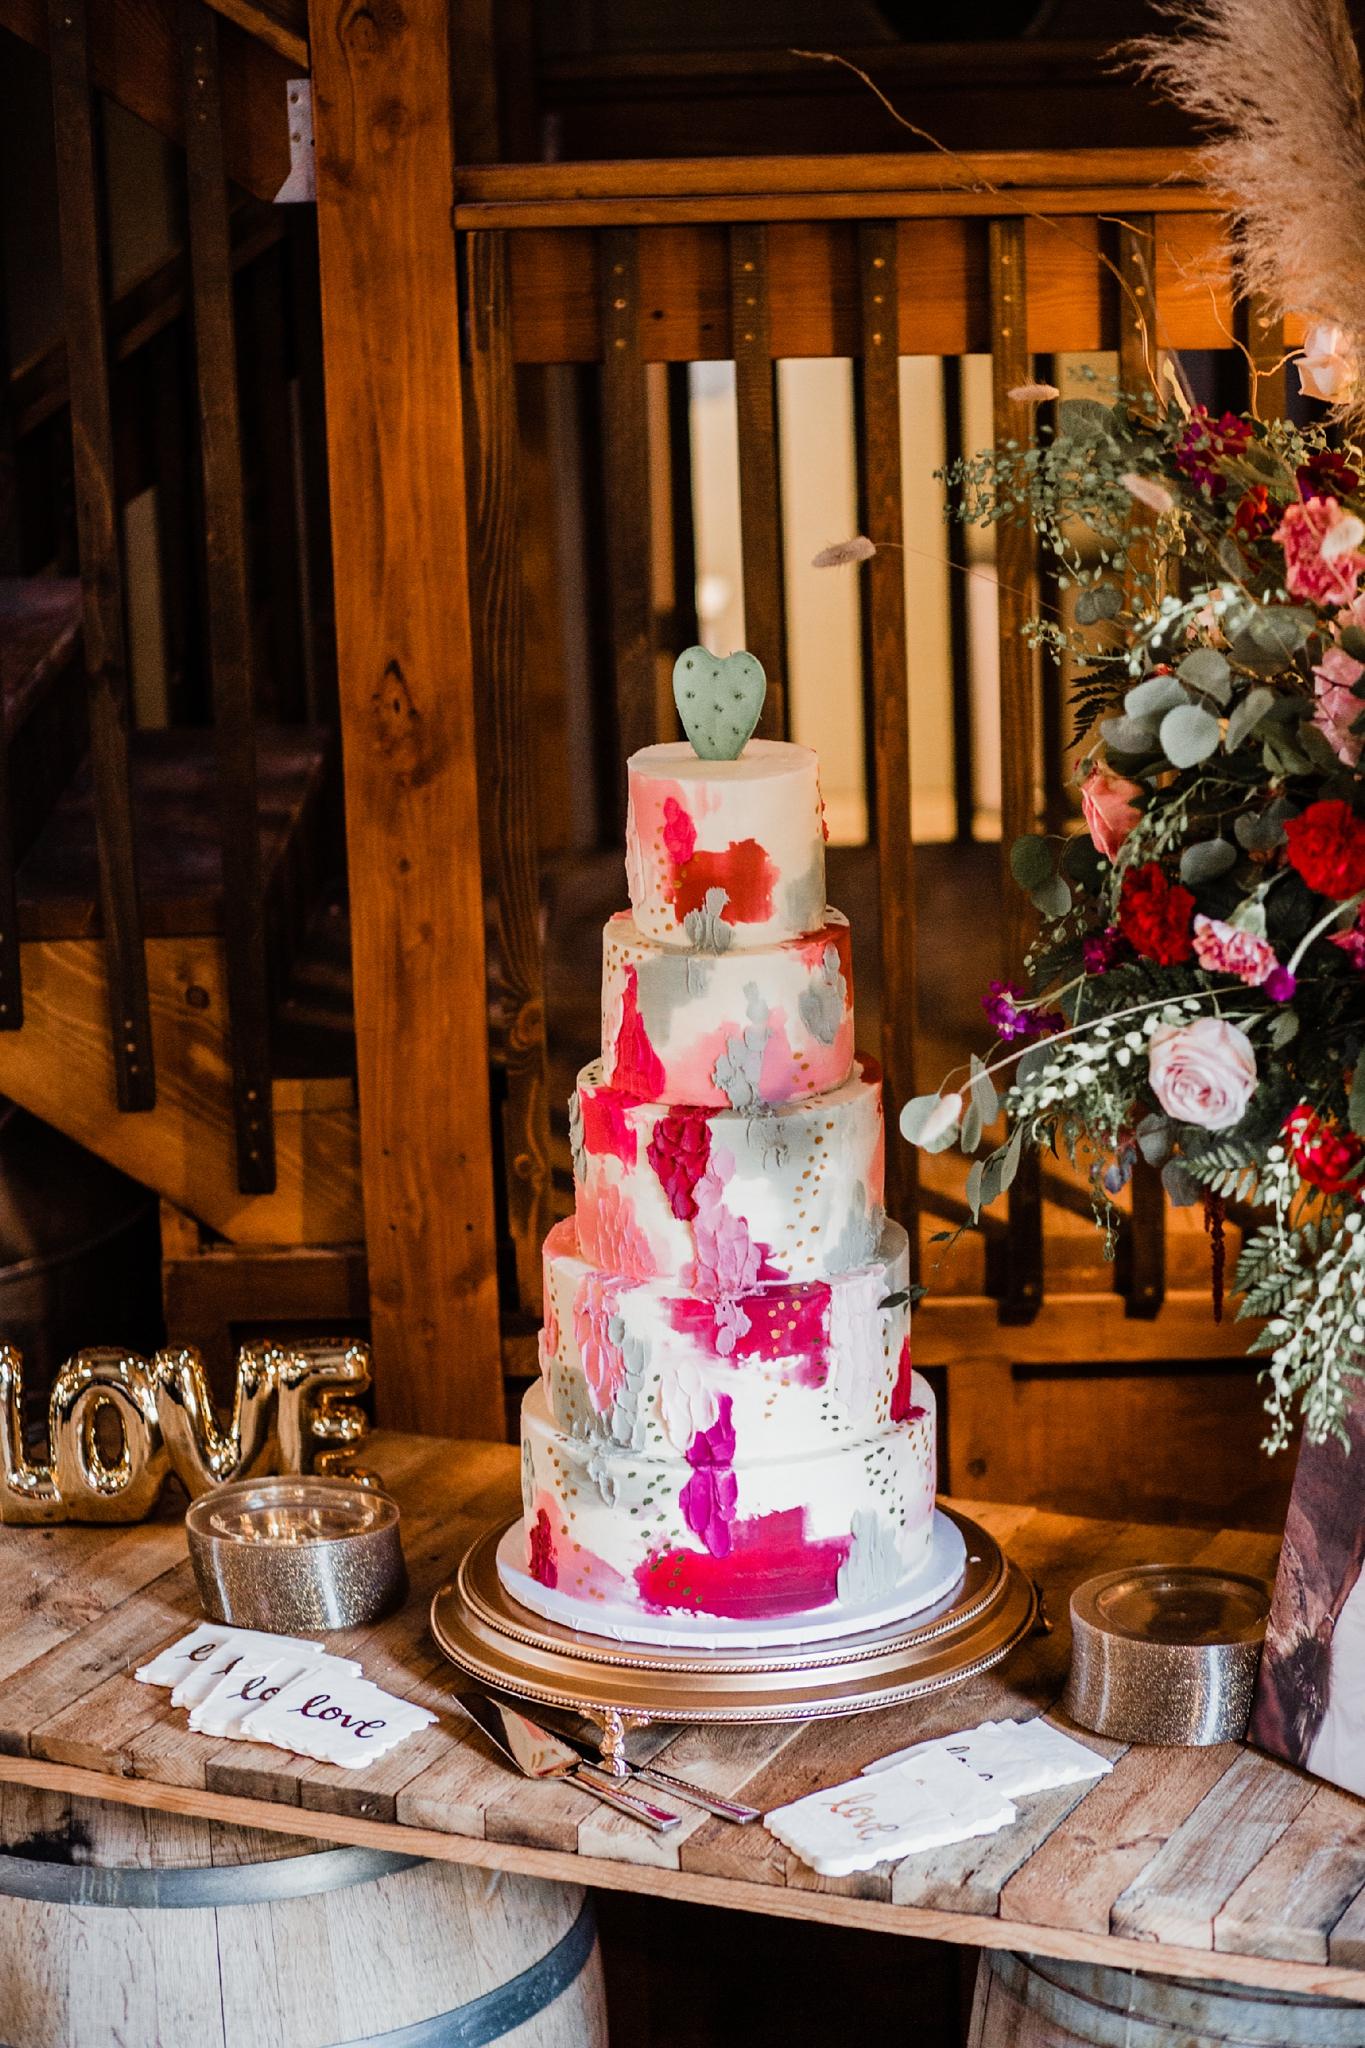 Alicia+lucia+photography+-+albuquerque+wedding+photographer+-+santa+fe+wedding+photography+-+new+mexico+wedding+photographer+-+new+mexico+wedding+-+new+mexico+wedding+-+barn+wedding+-+enchanted+vine+barn+wedding+-+ruidoso+wedding_0145.jpg